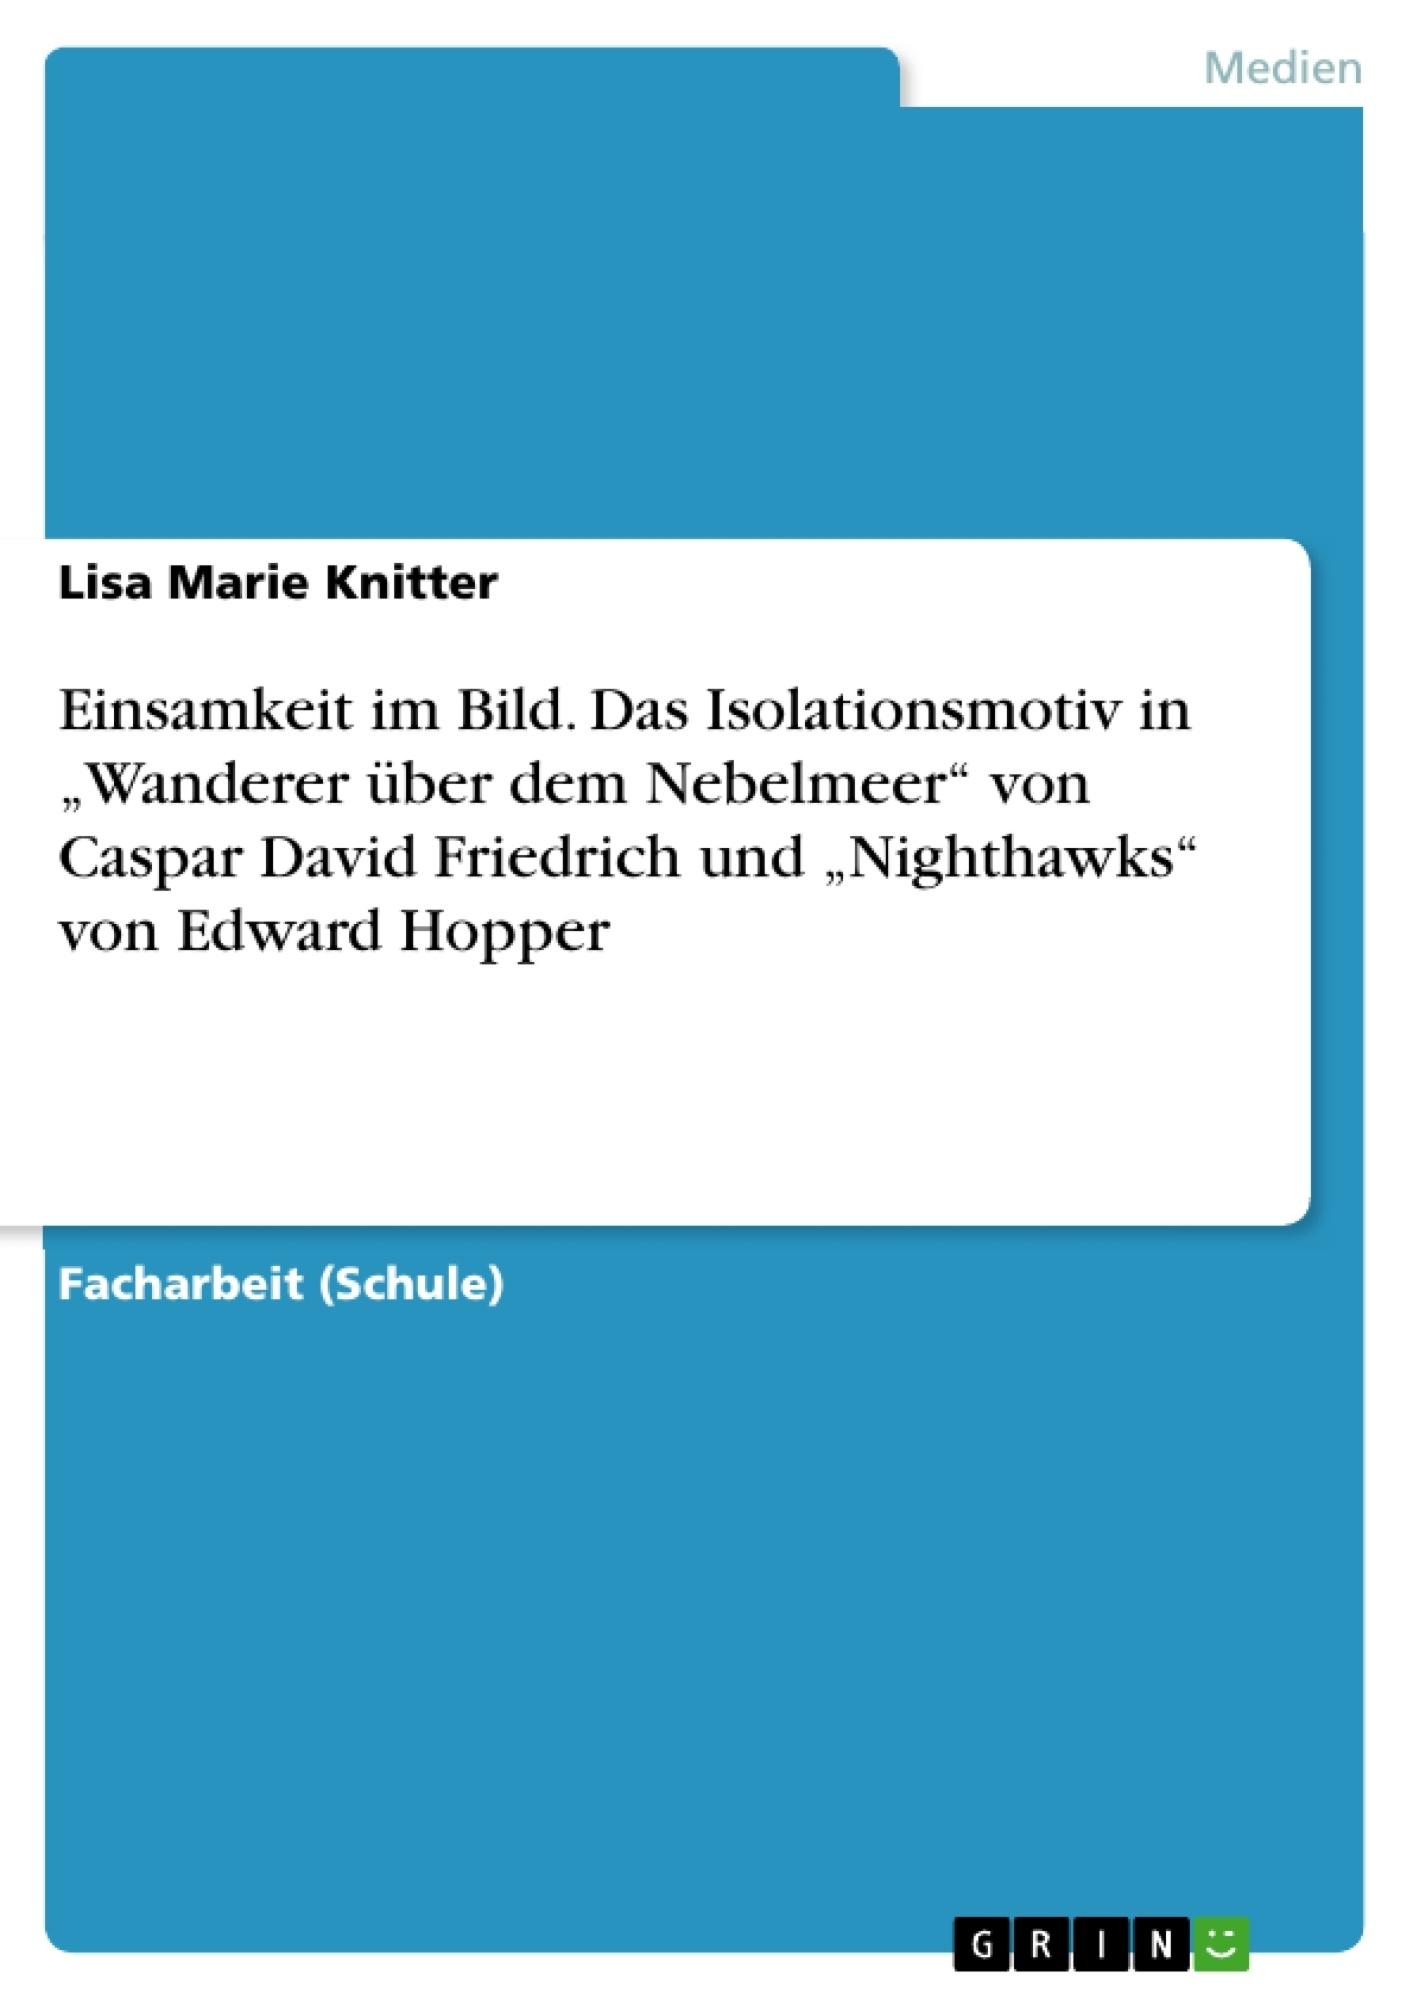 """Titel: Einsamkeit im Bild. Das Isolationsmotiv in """"Wanderer über dem Nebelmeer"""" von Caspar David Friedrich und """"Nighthawks"""" von Edward Hopper"""